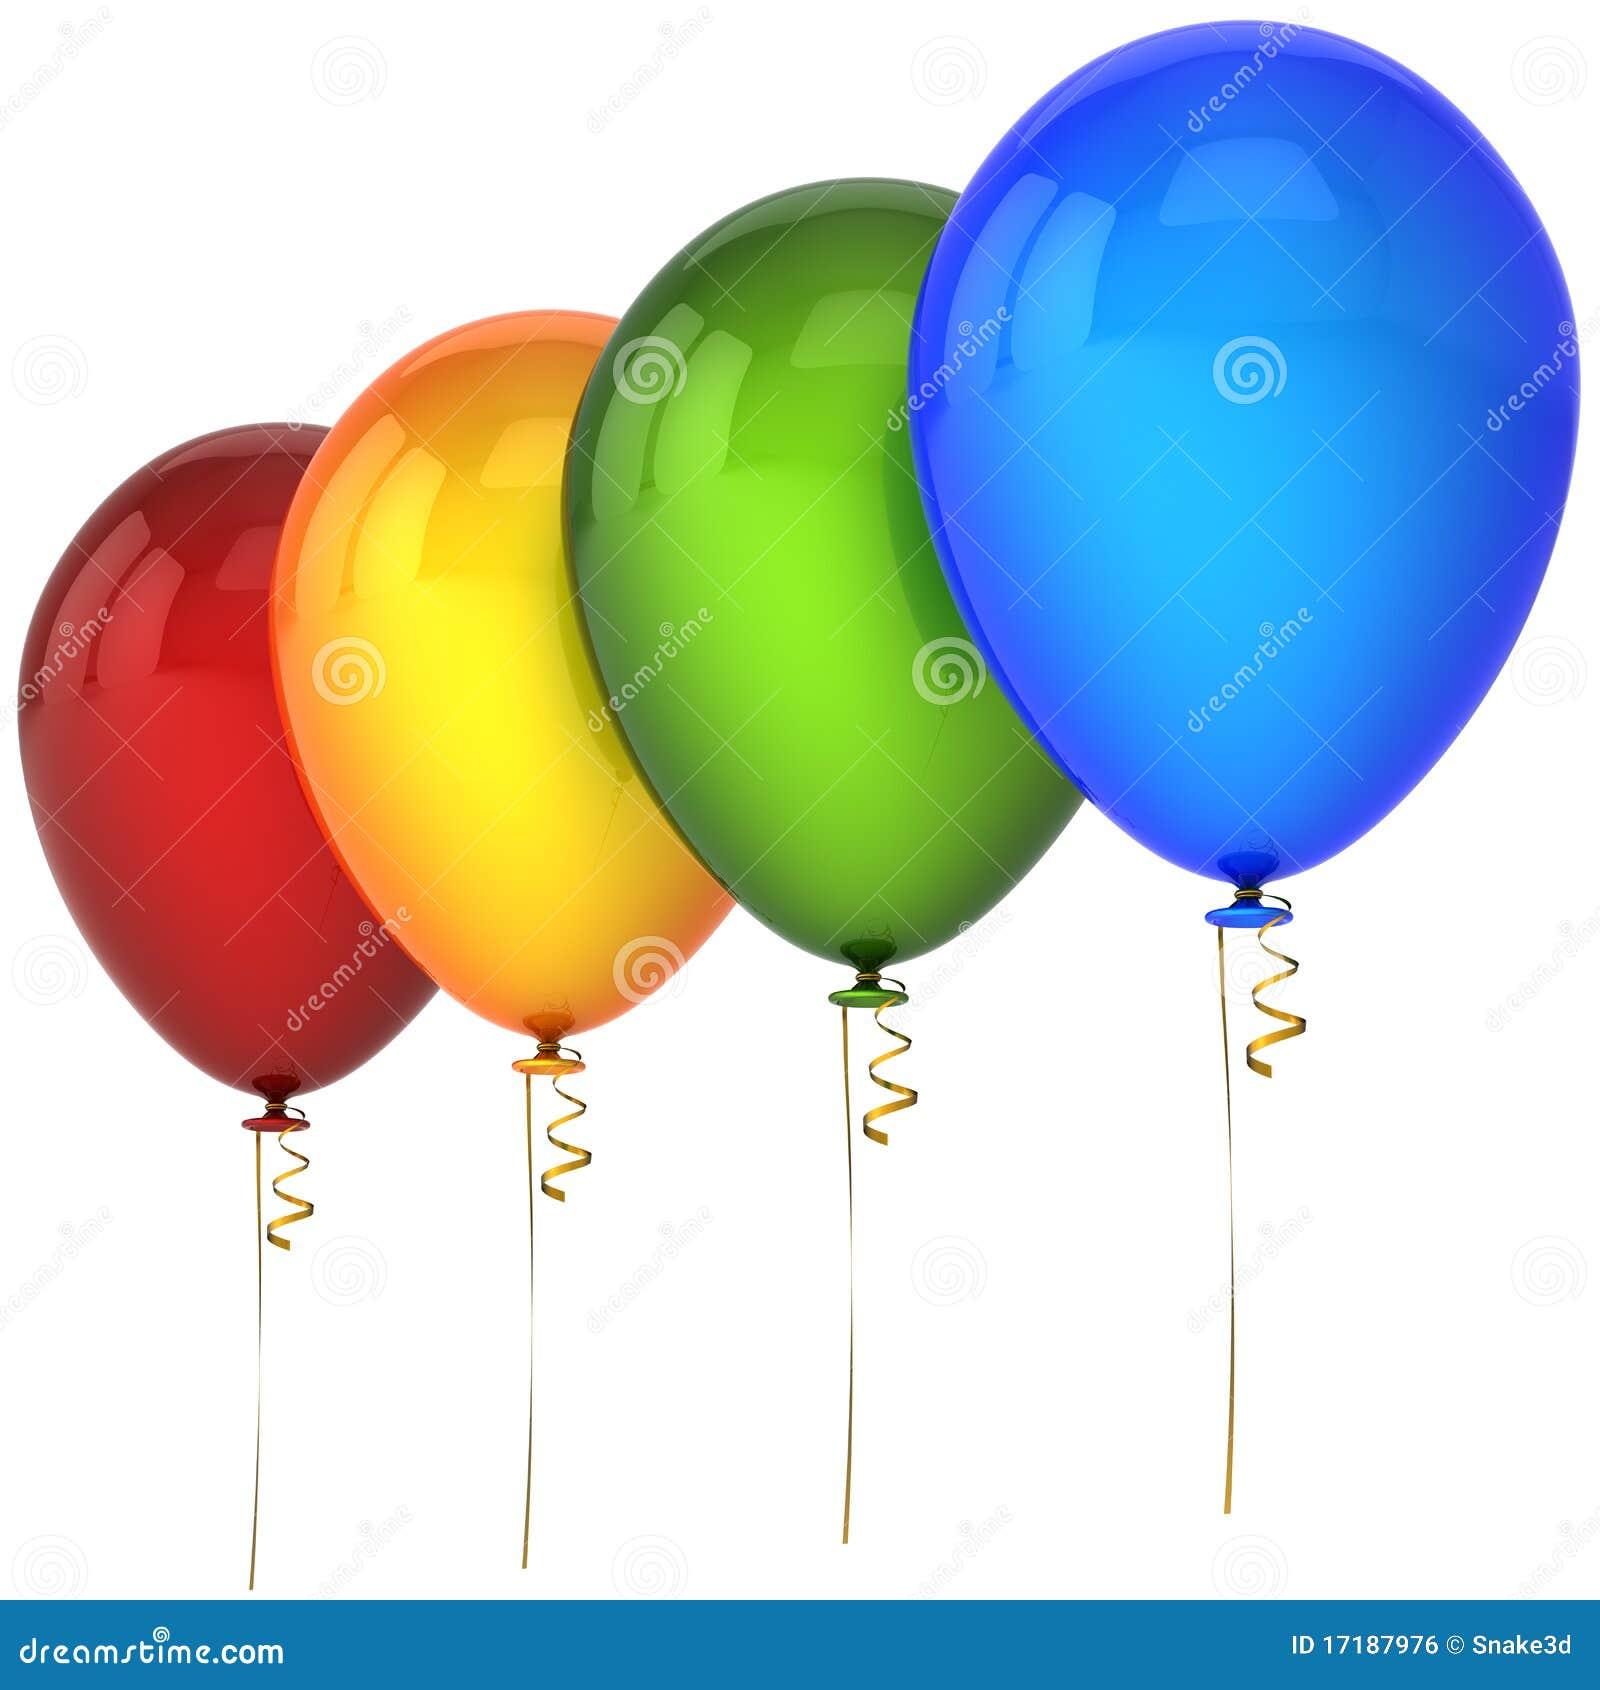 Globos del helio en una fila imagen de archivo libre de - Llenar globos con helio ...